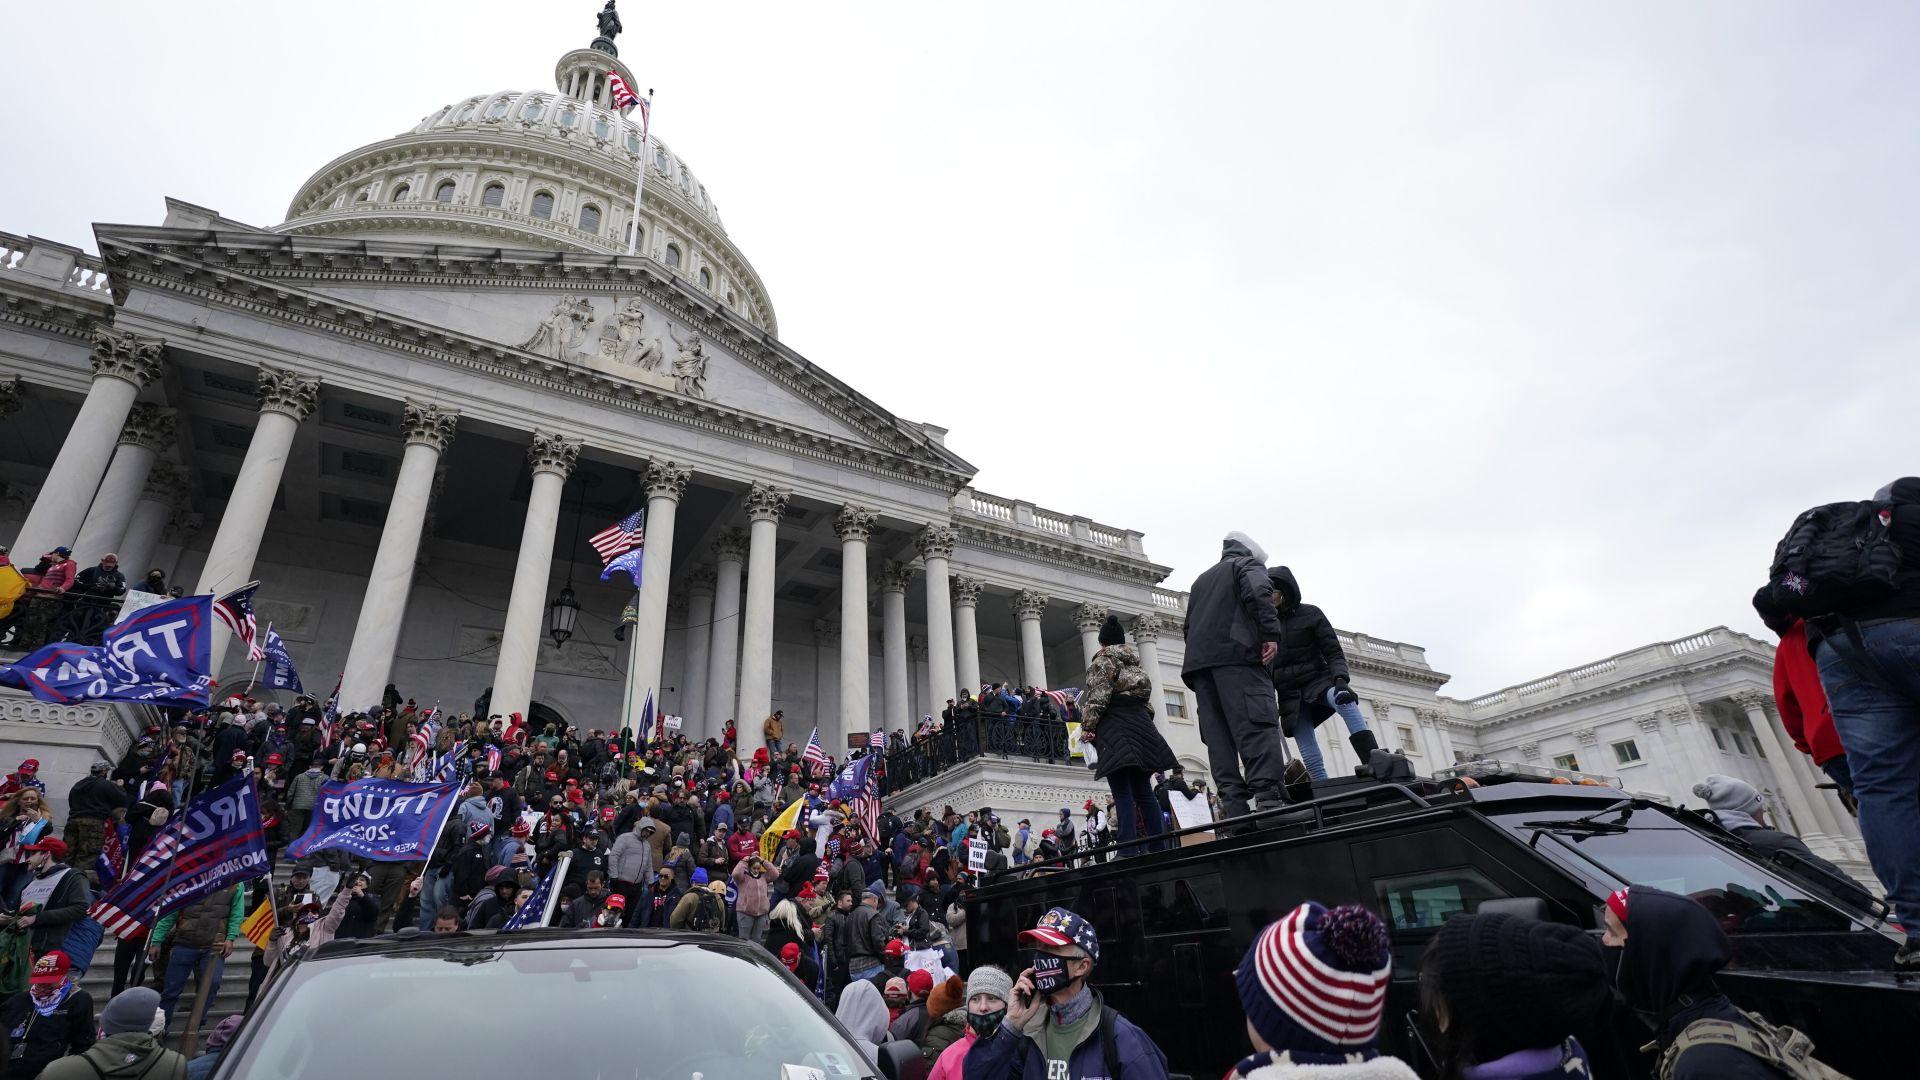 Отмениха заседание в Капитолия след предупреждение за възможен план за ново нахлуване